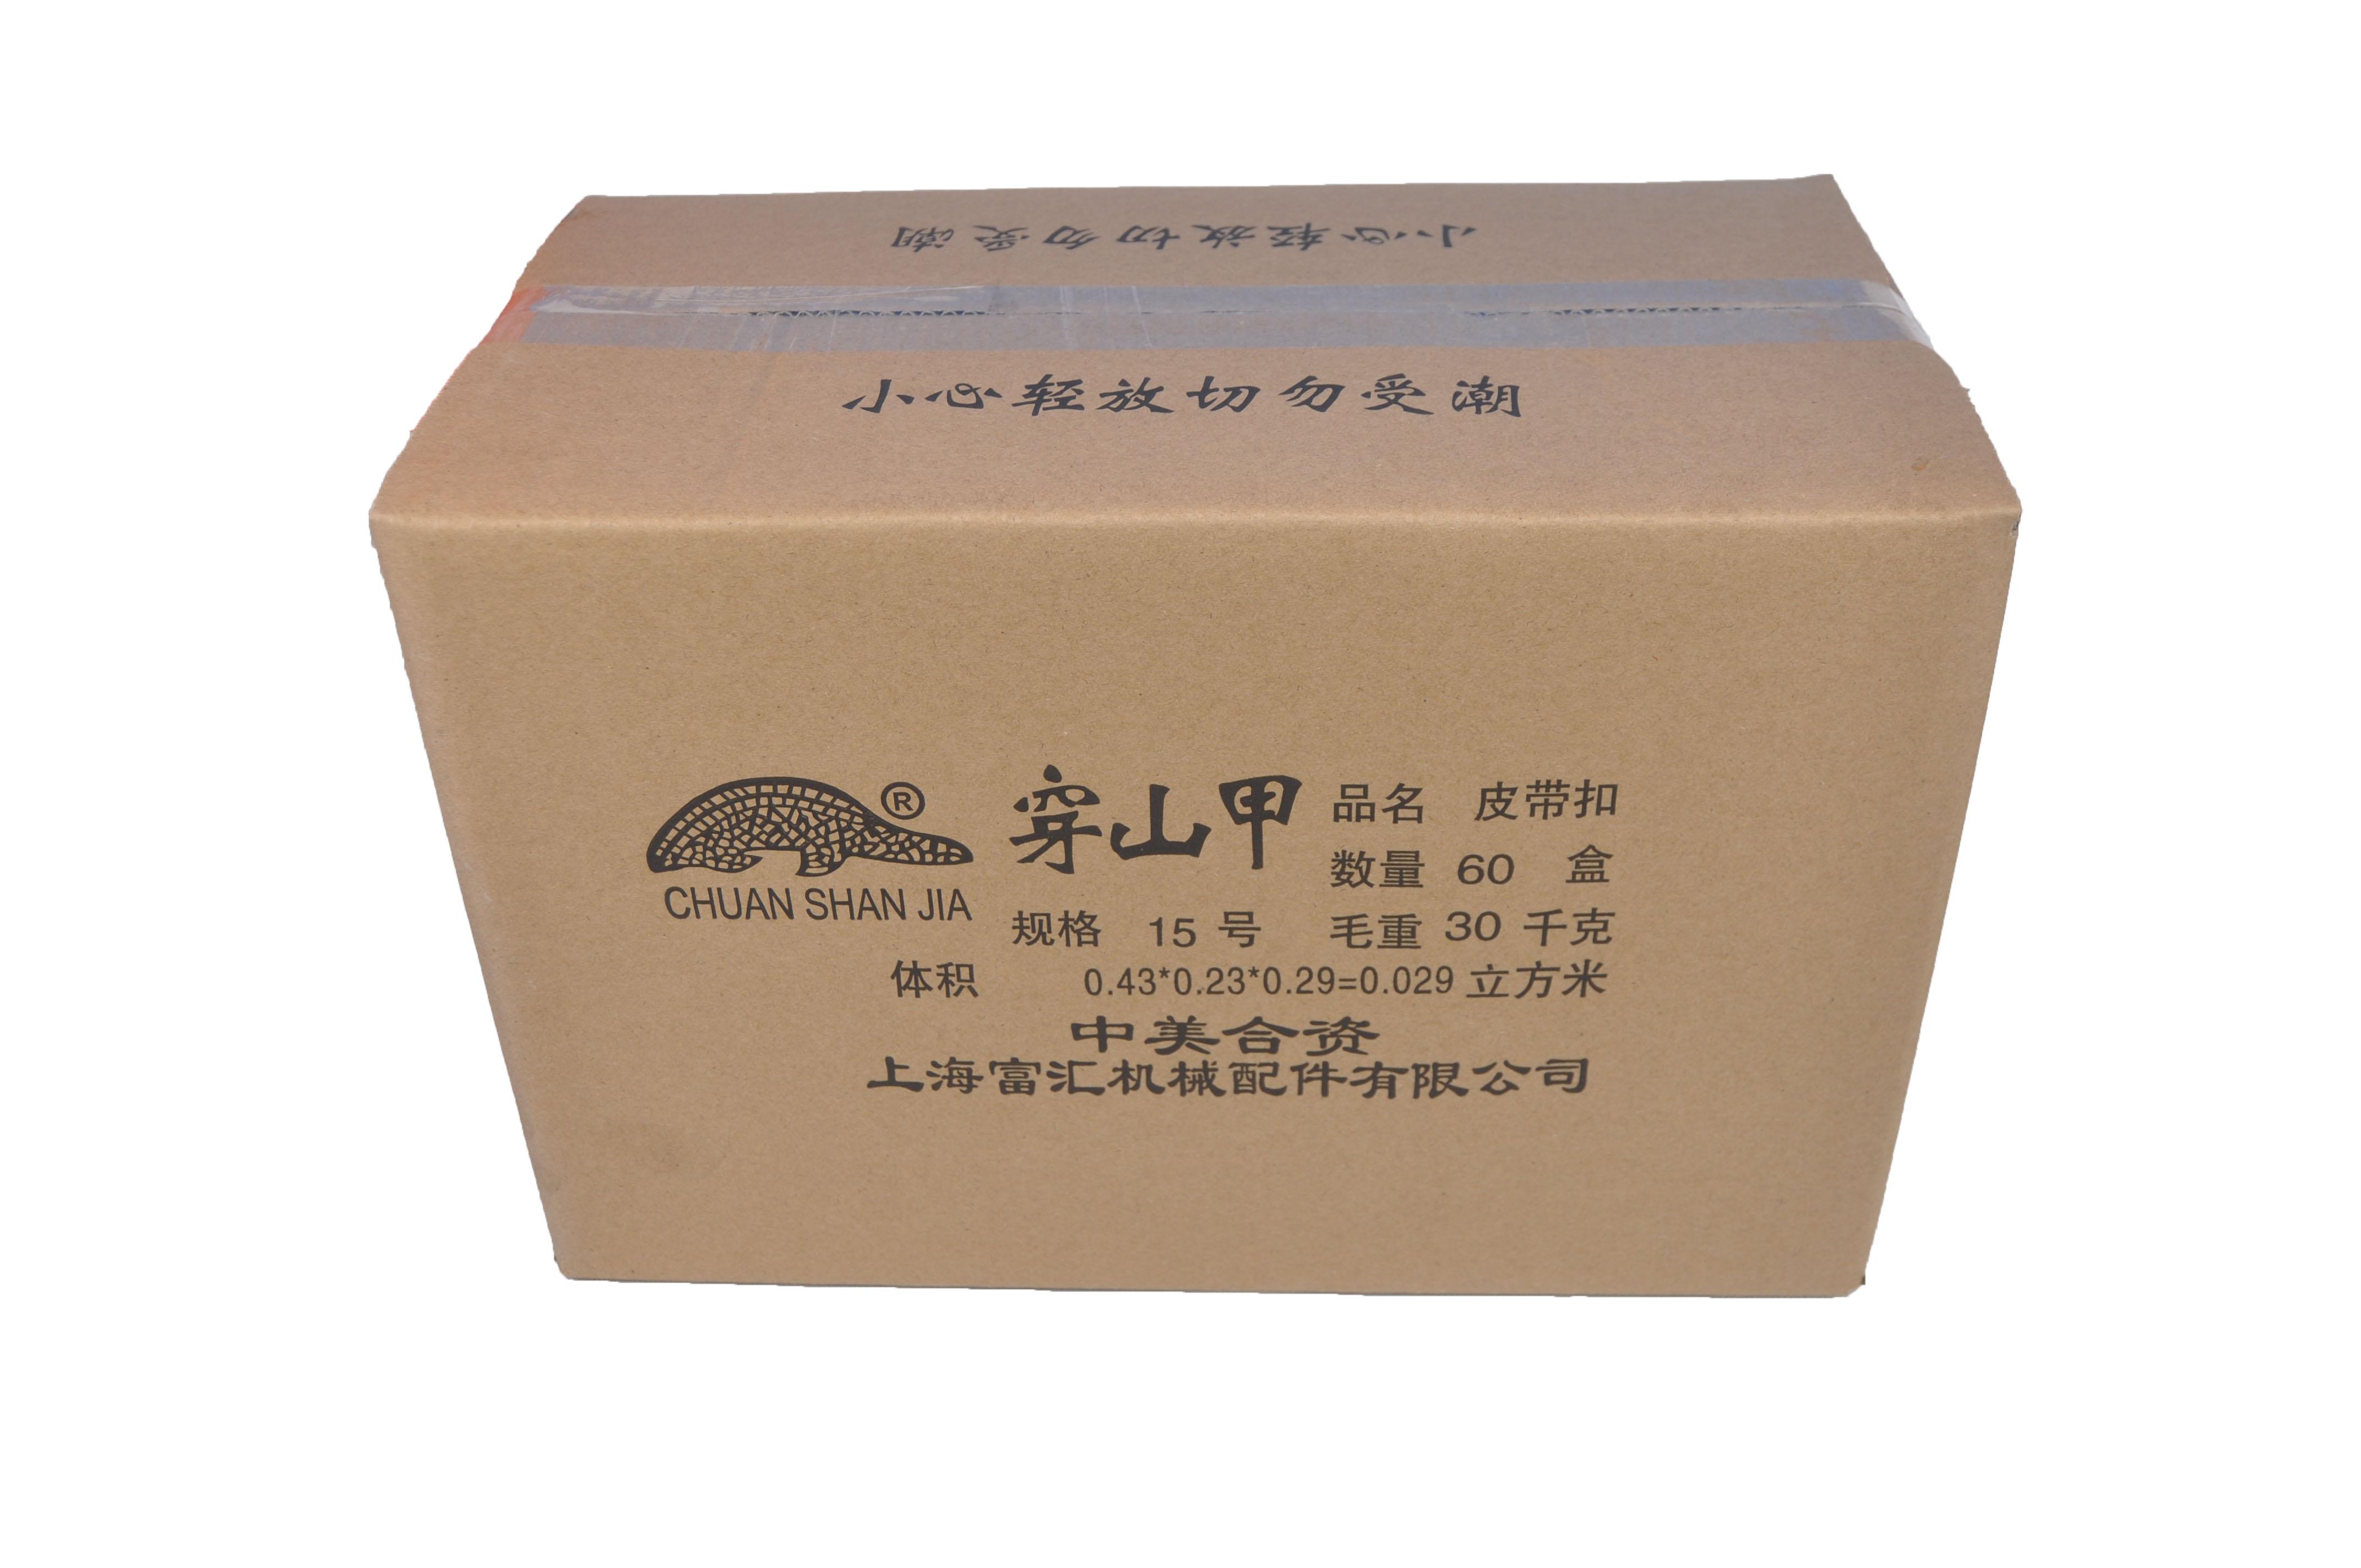 15号大包装盒1.jpg